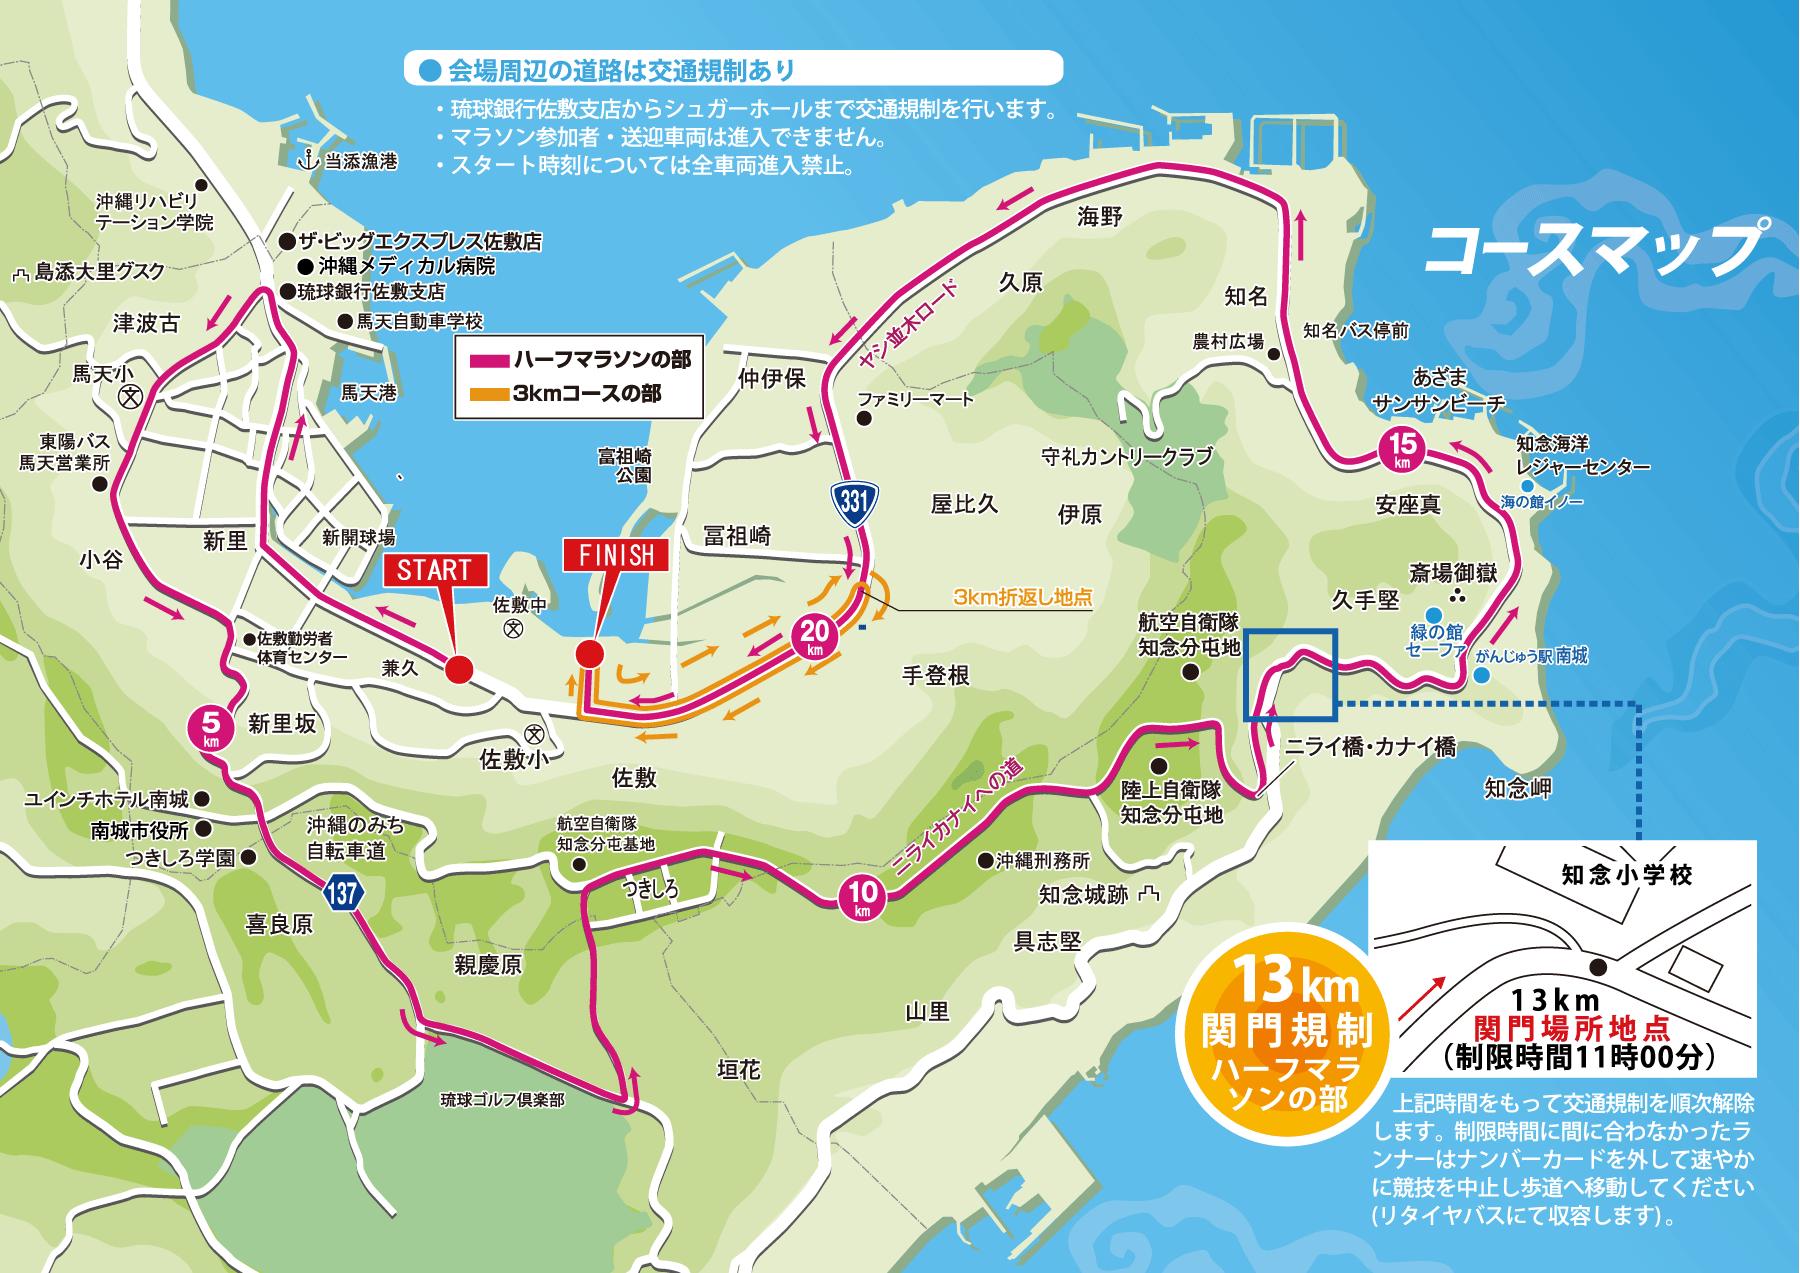 尚巴志ハーフマラソンコースマップ2019